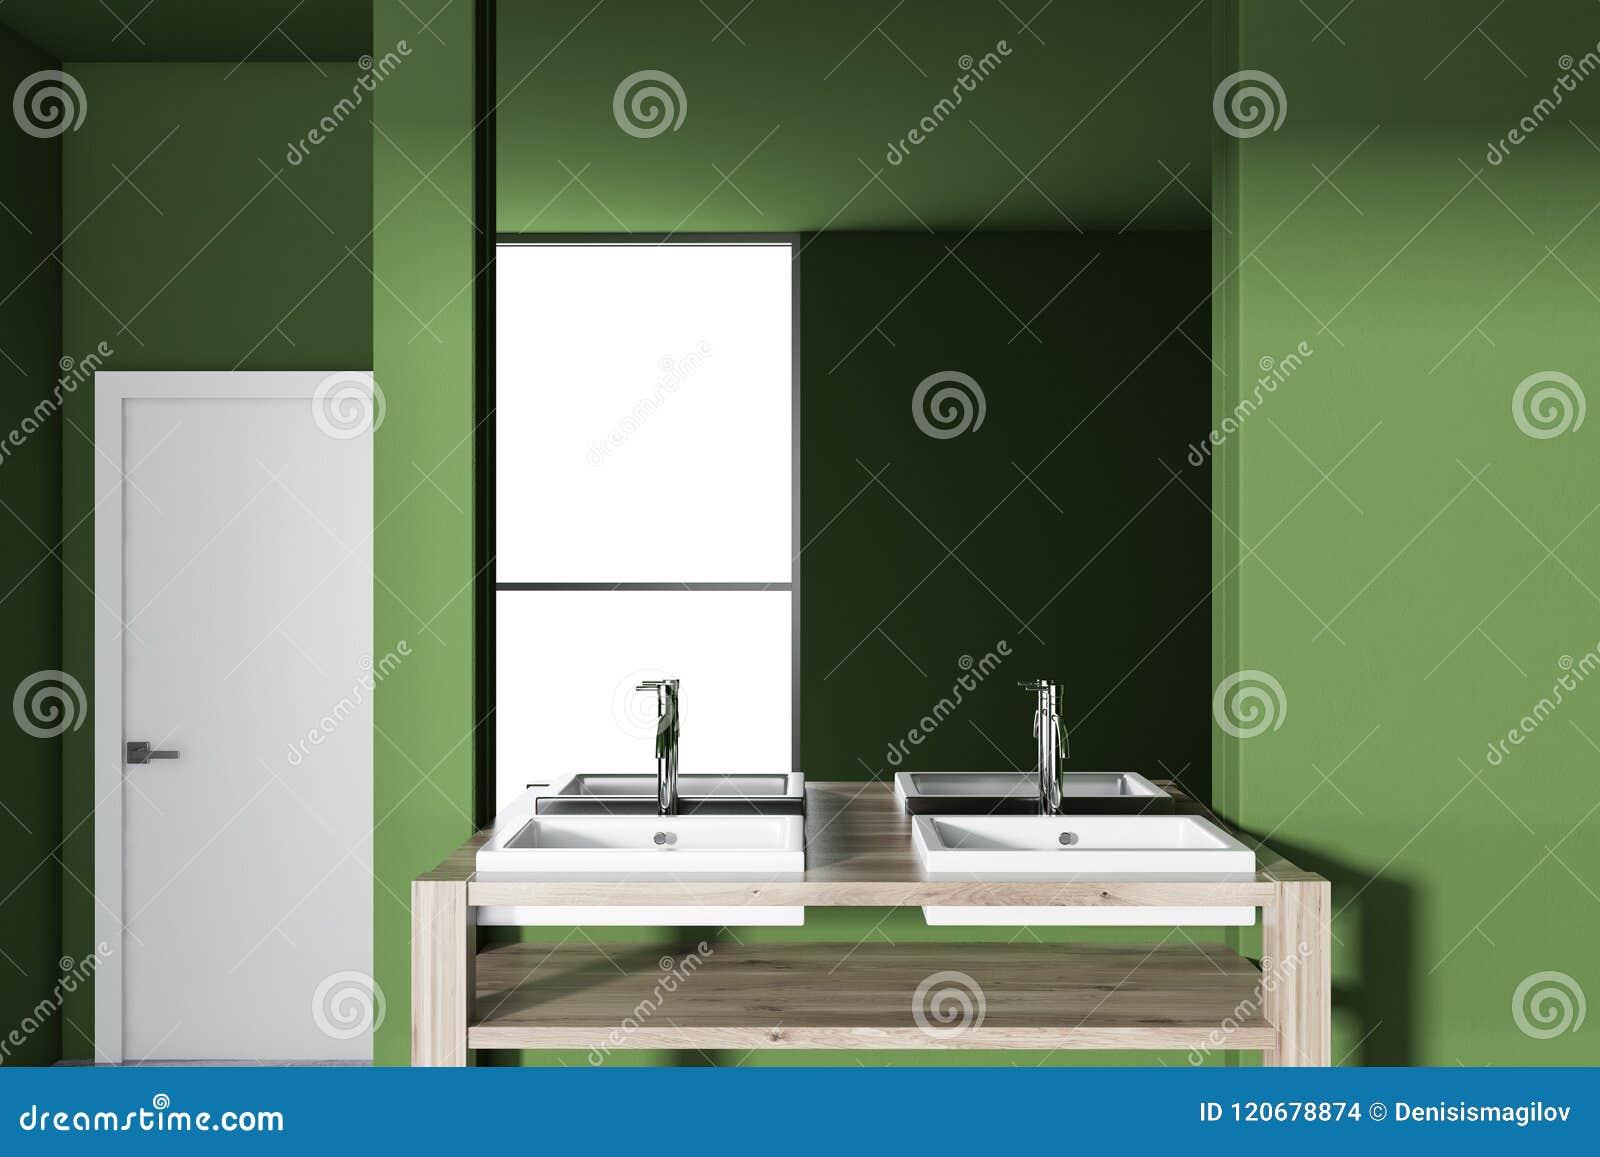 Twin Bathroom Vessel Sink Wooden Countertop Green Stock